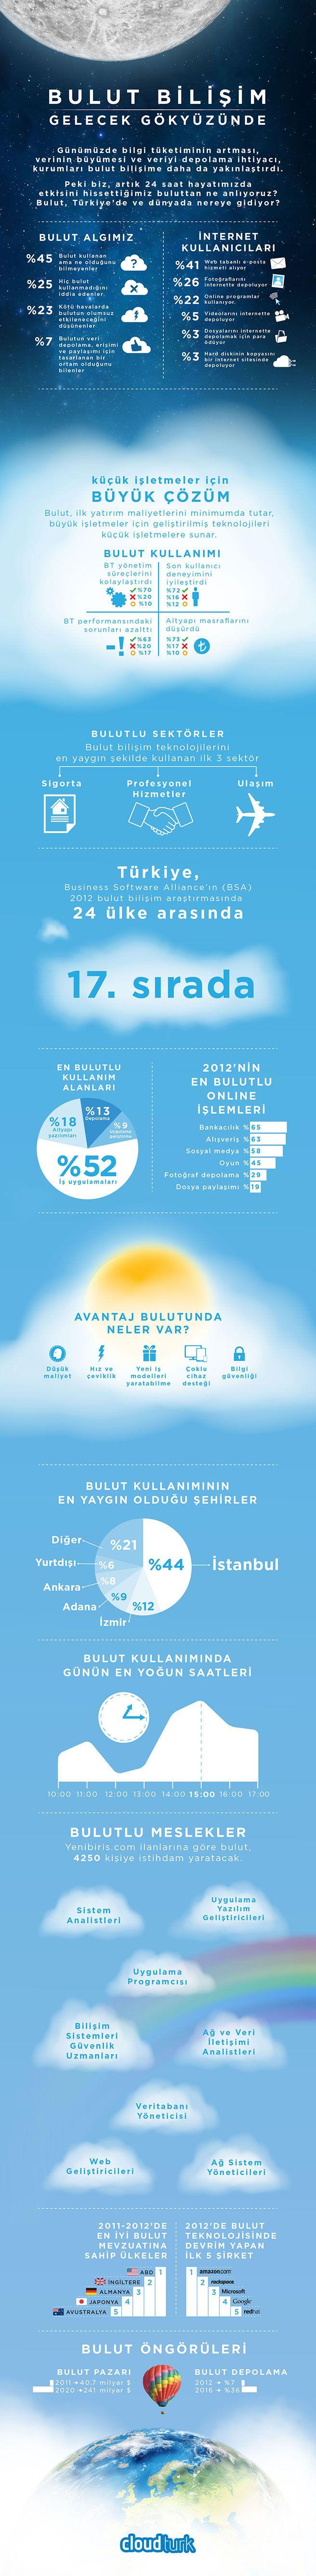 Türkiye'de Bulut Alışkanlıkları - Witchorexia Nervosa > http://witchorexia.com/sosyal-medya/turkiyede-bulut-aliskanliklari.html